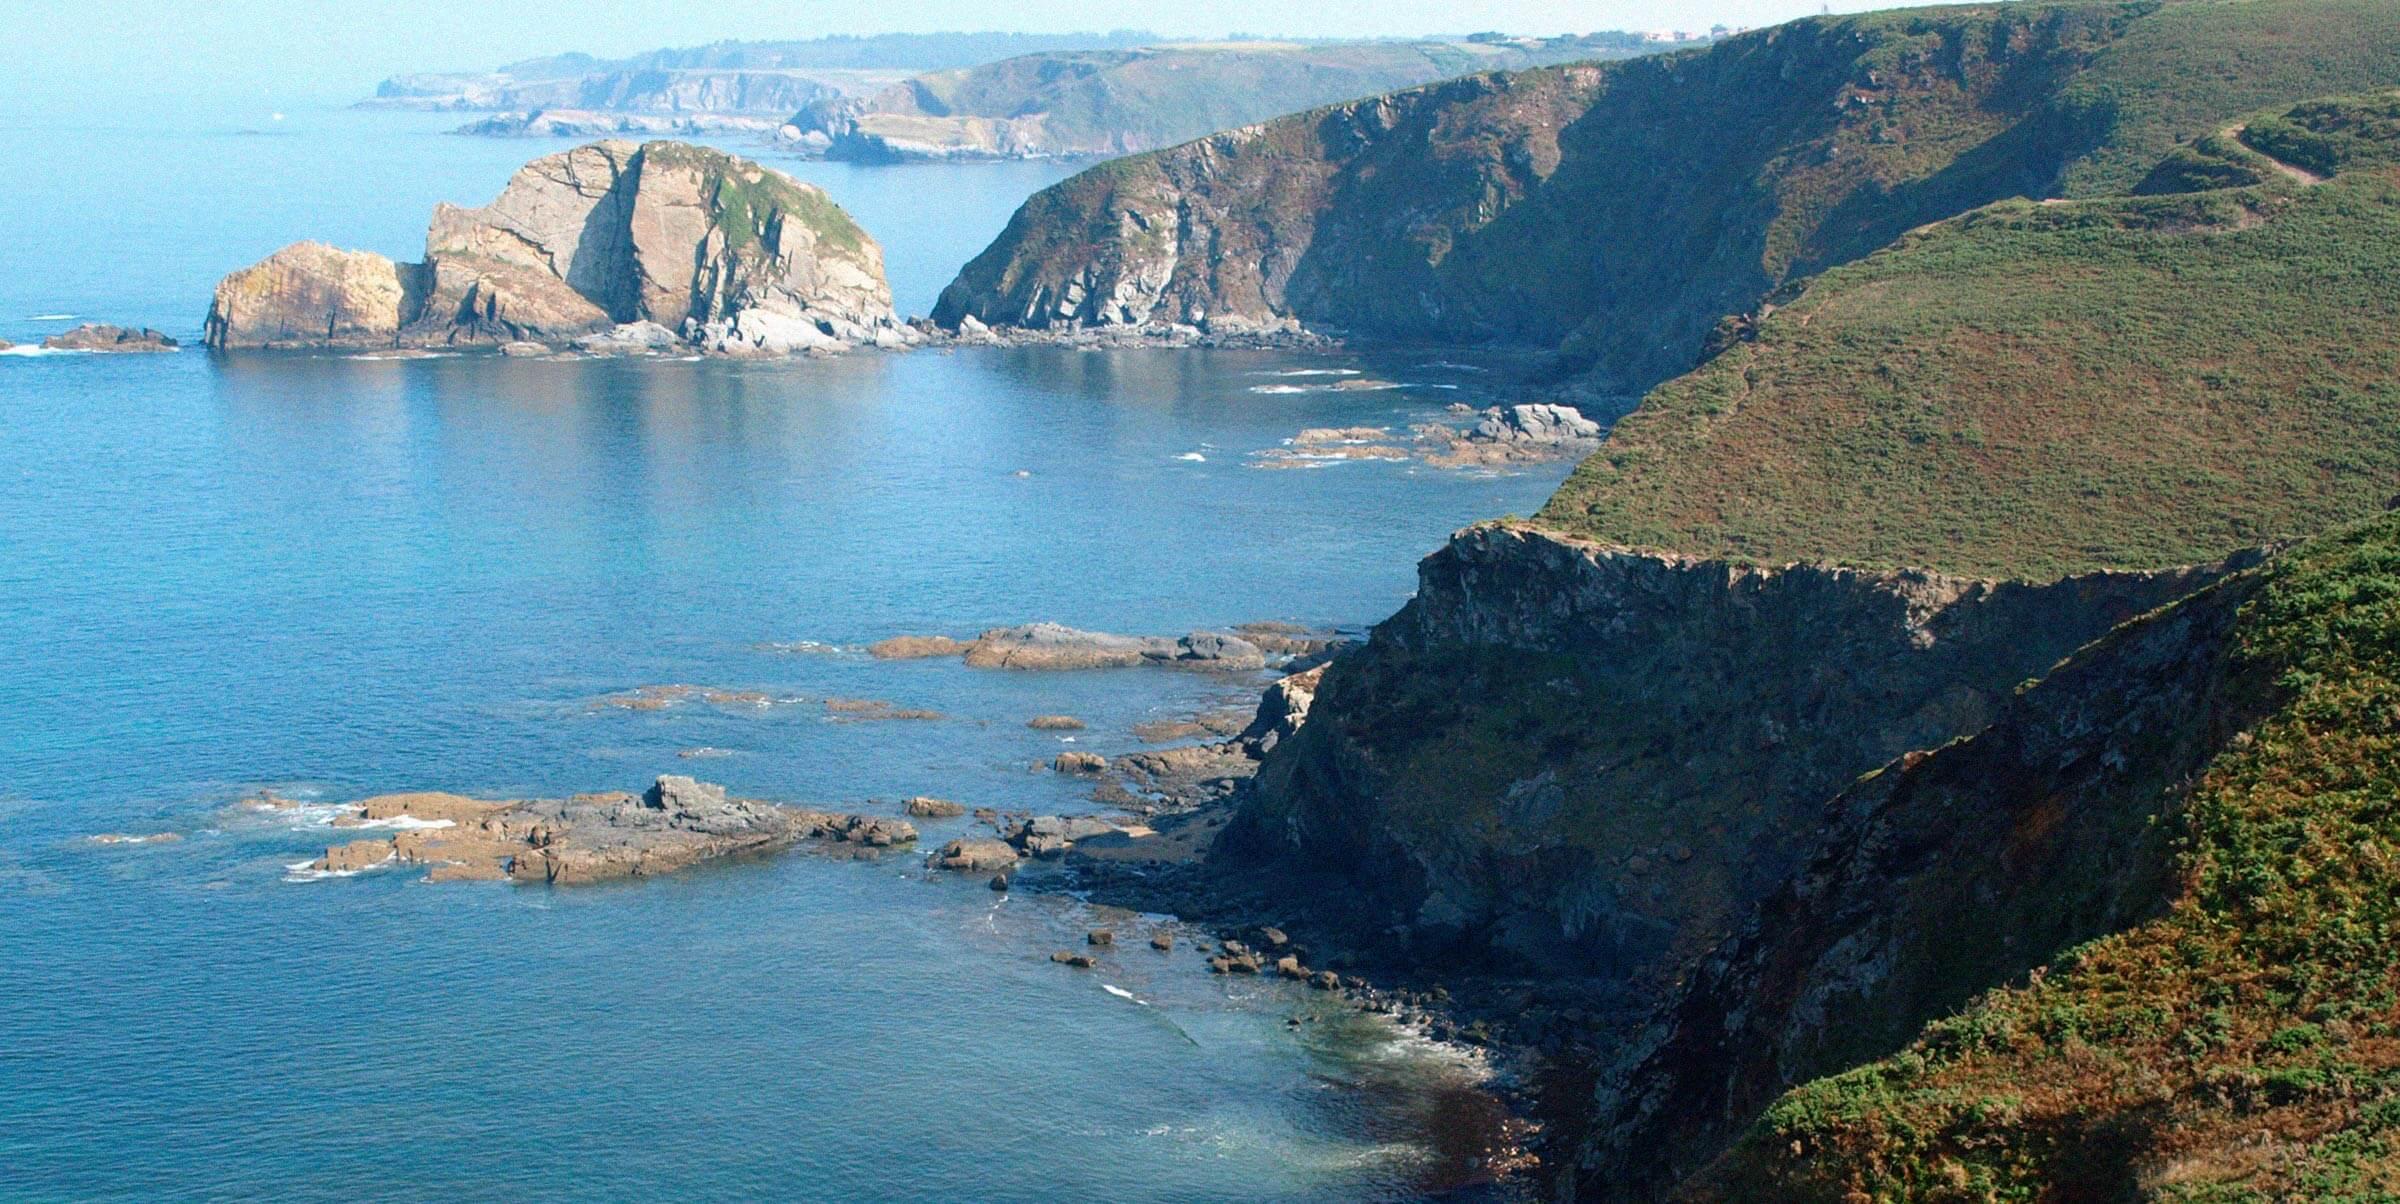 mesorec-mar-acantilado-funcionamiento-ecosistemas-marinos-azti